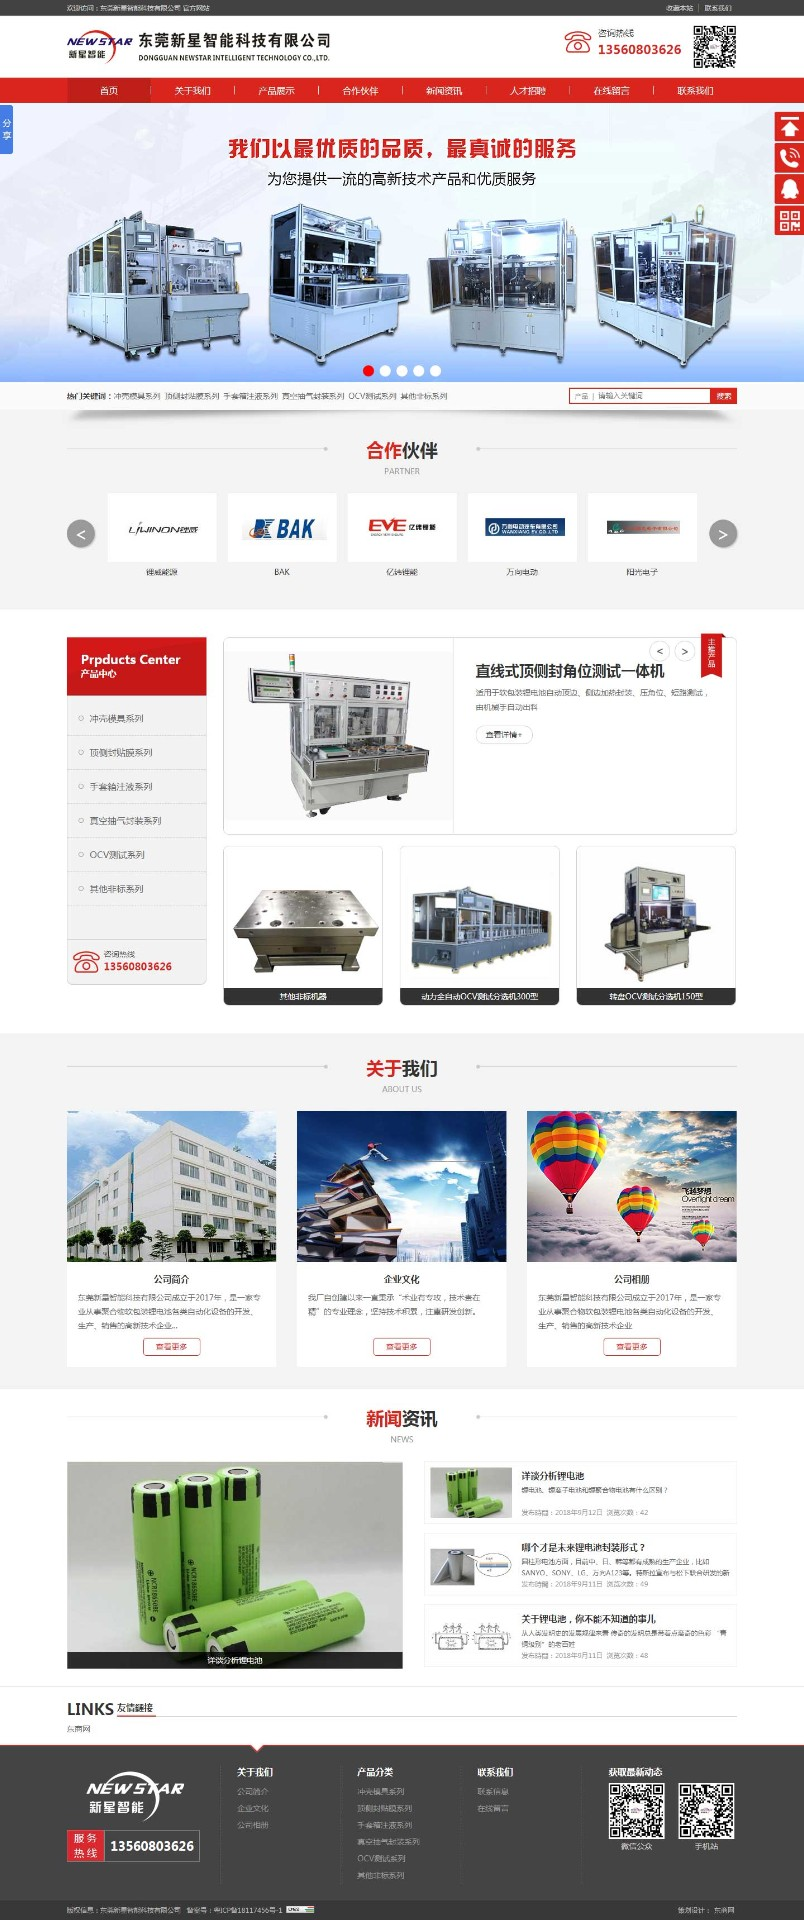 東莞市新星智能設備有限公司